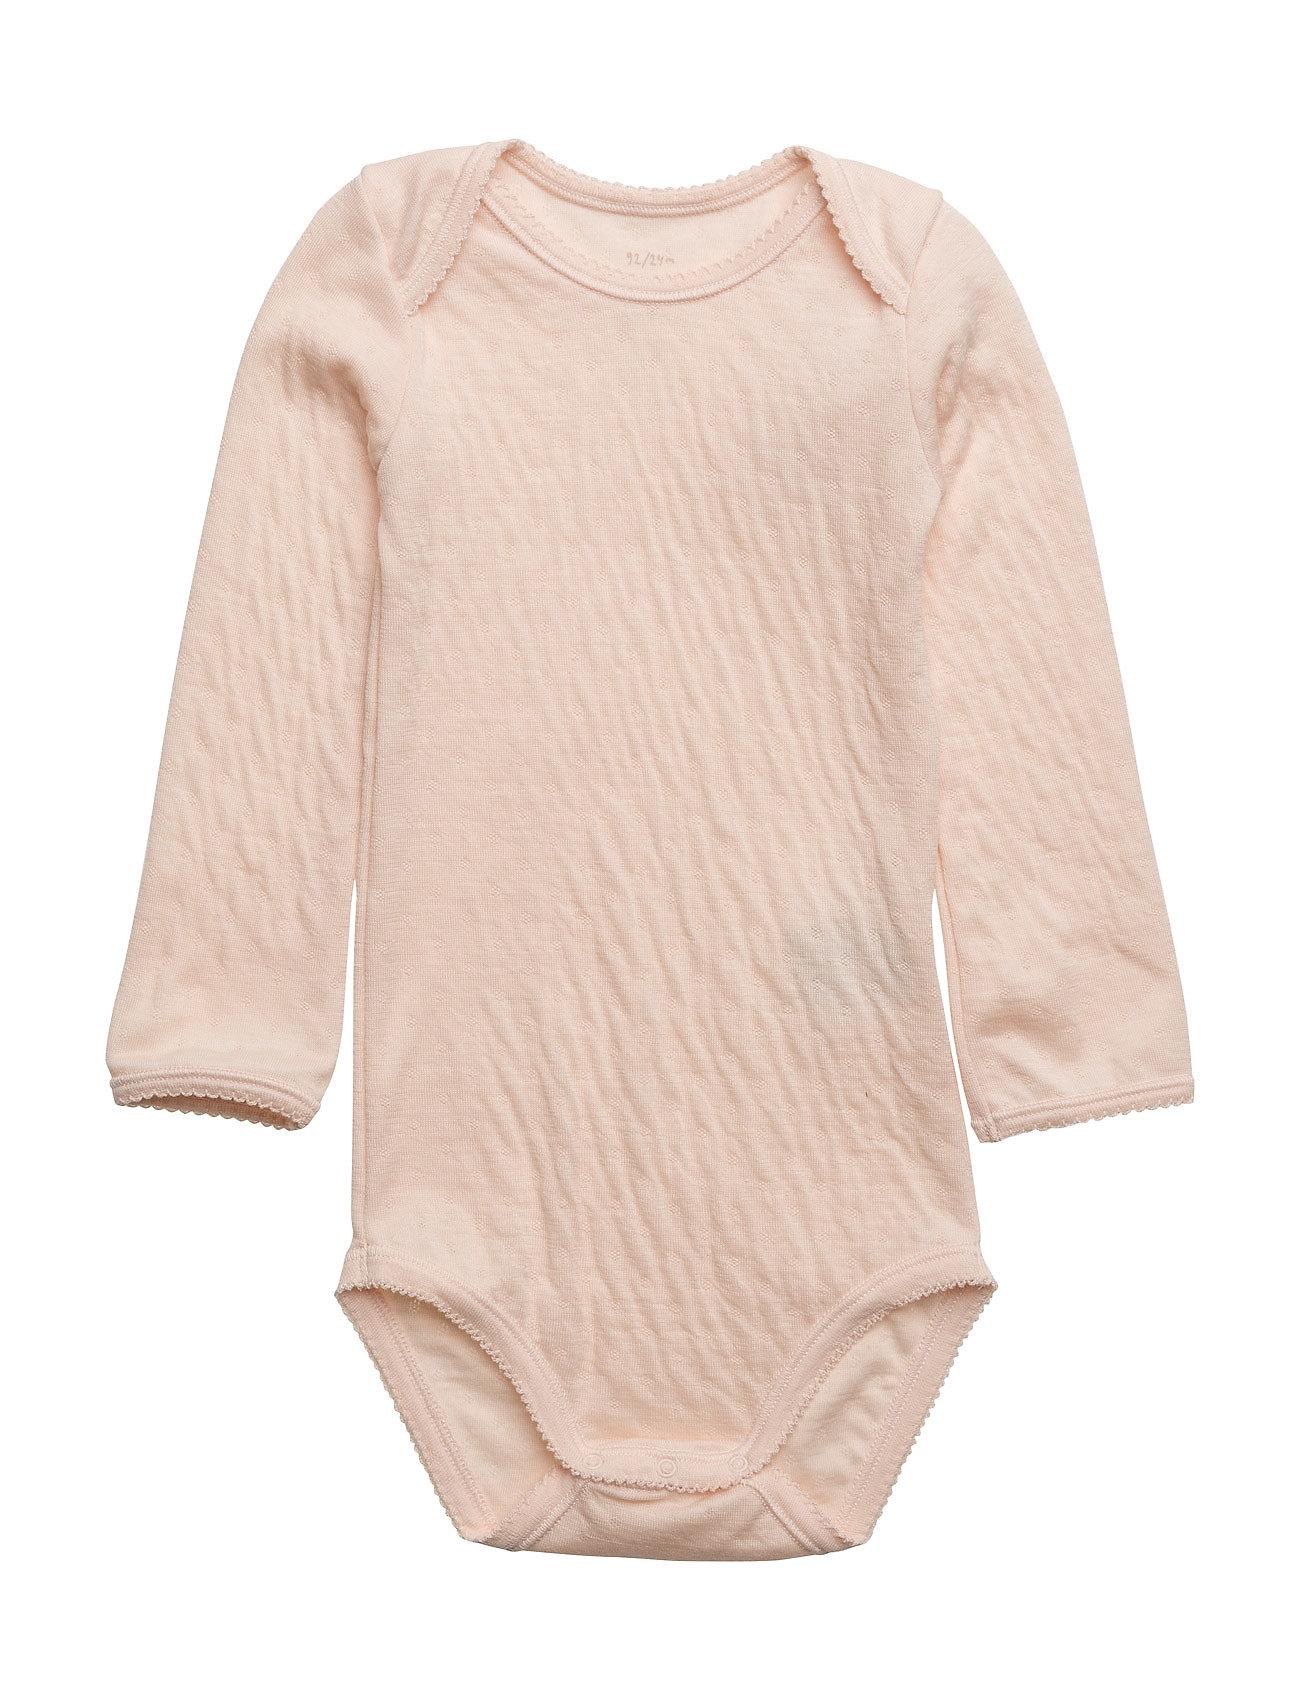 Baby Body Noa Noa Miniature Langærmede bodies til Børn i